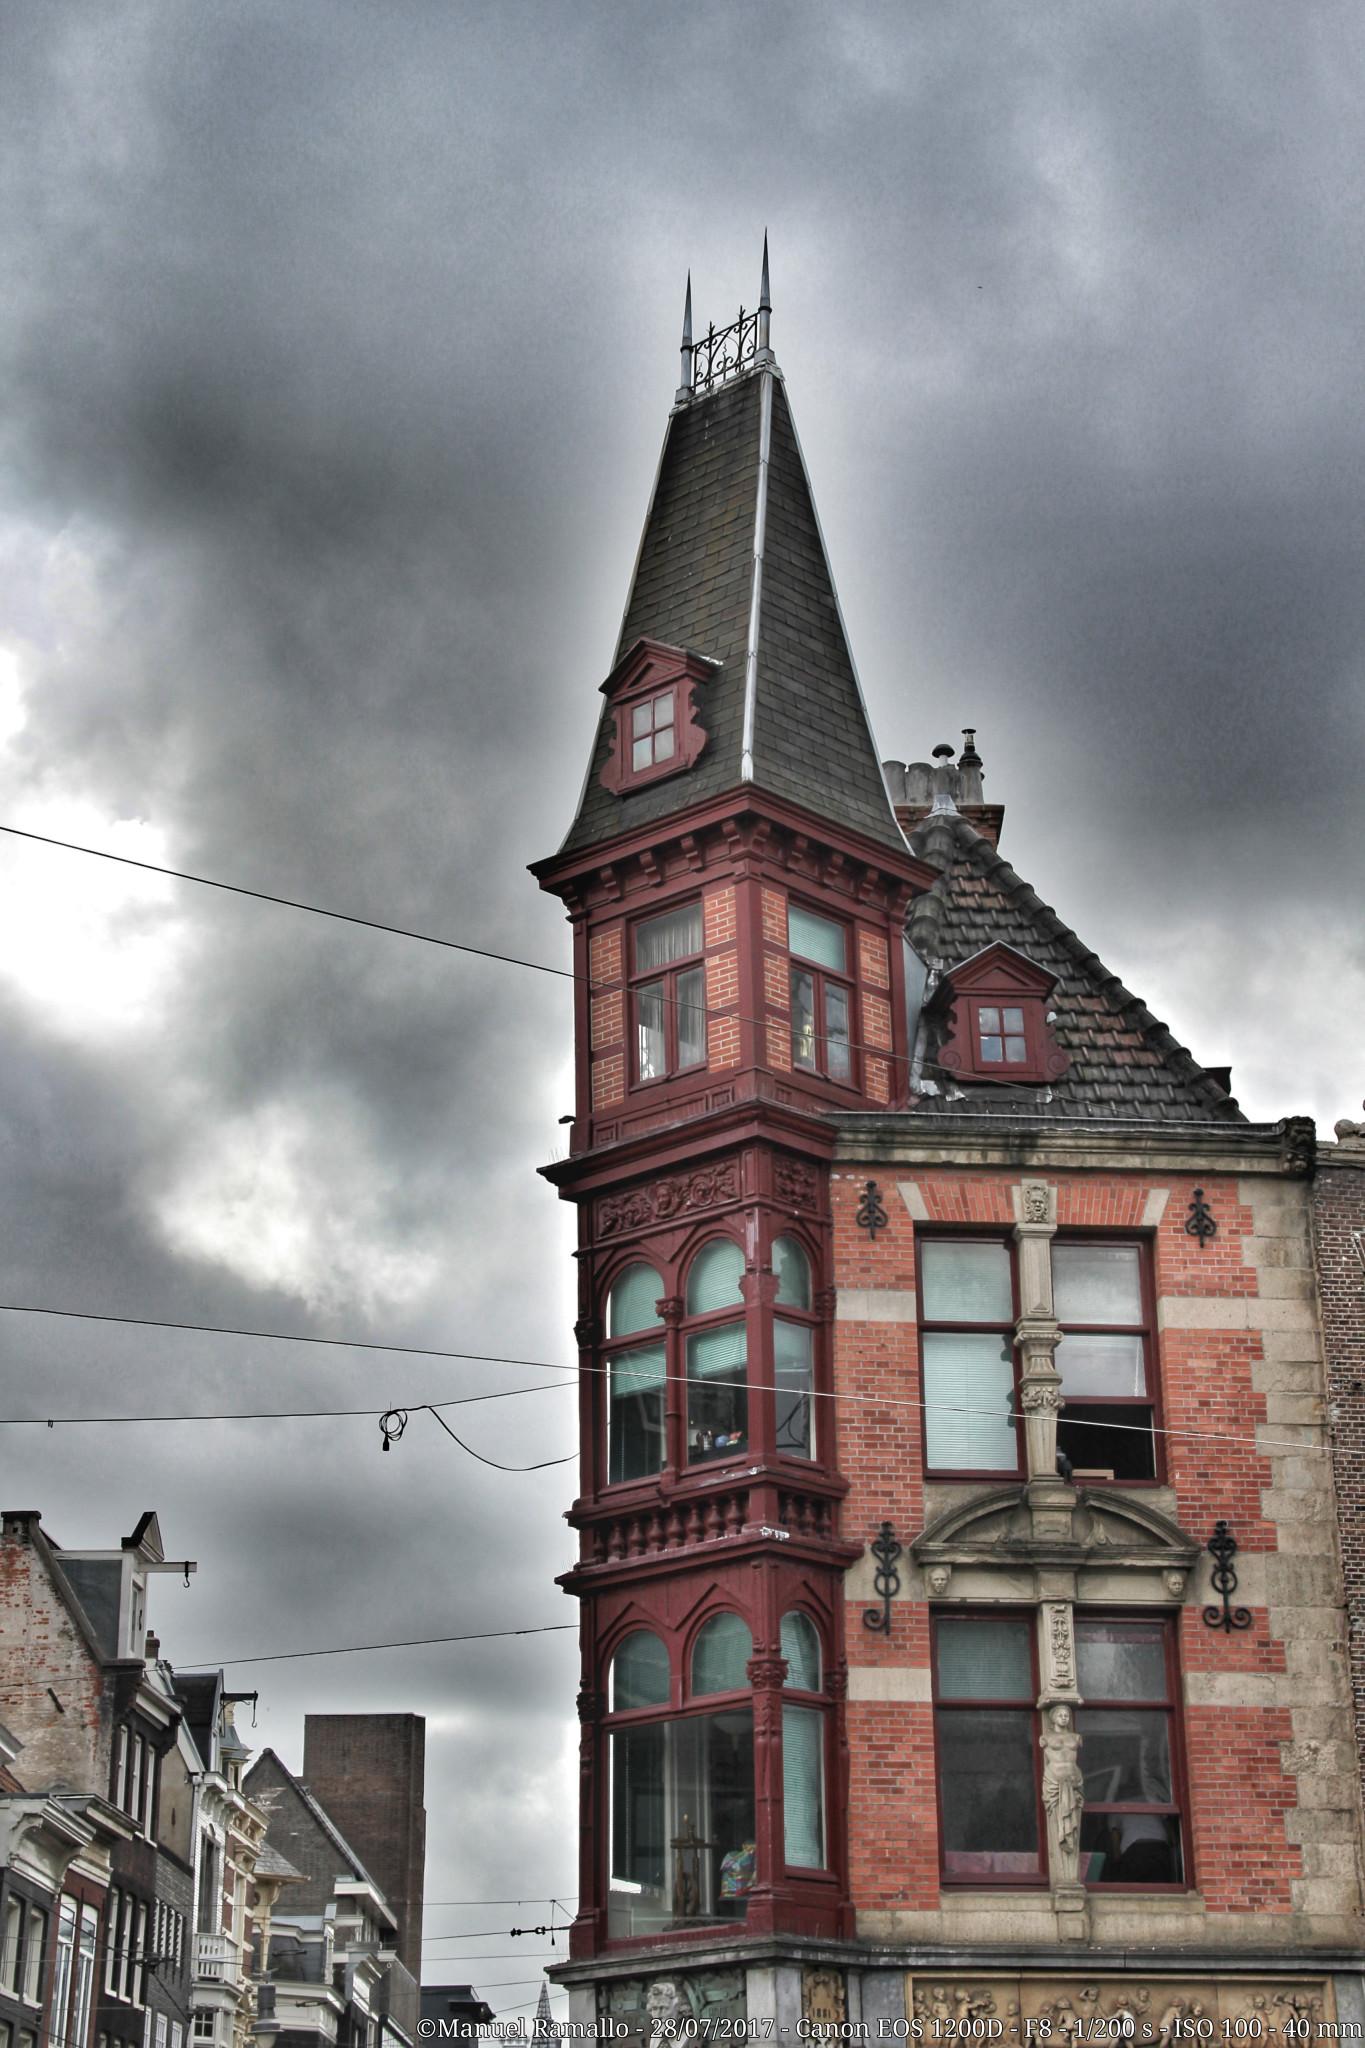 Casa edificio Ámsterdam Holanda